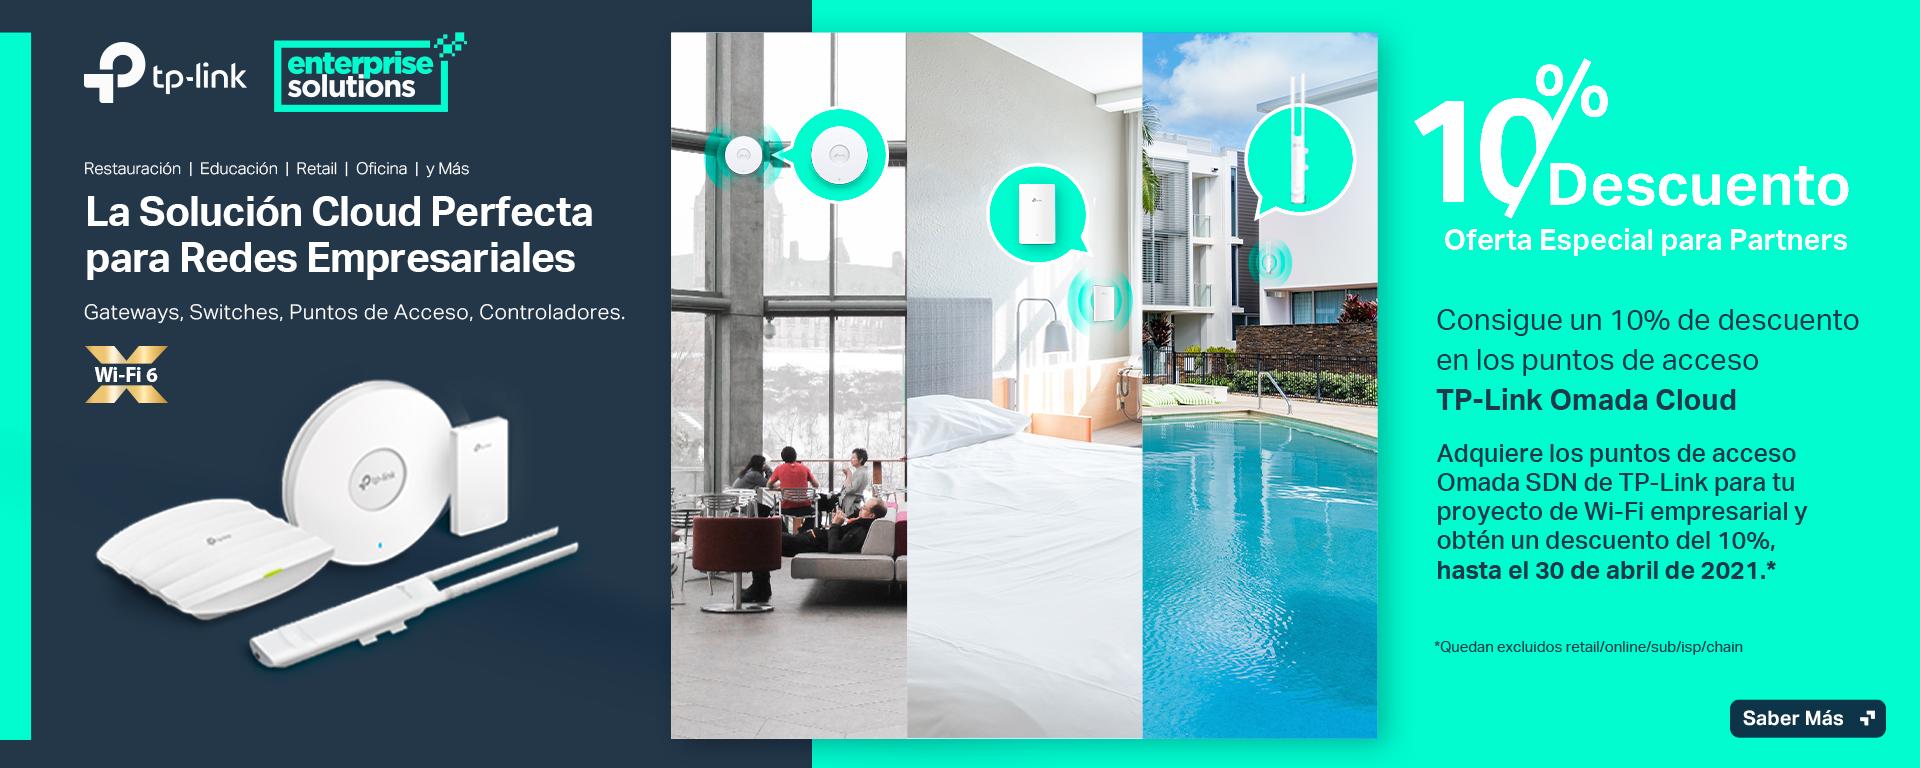 ¡Exclusivo para partners! Consigue un 10% de descuento en los puntos de acceso TP-Link Omada Cloud